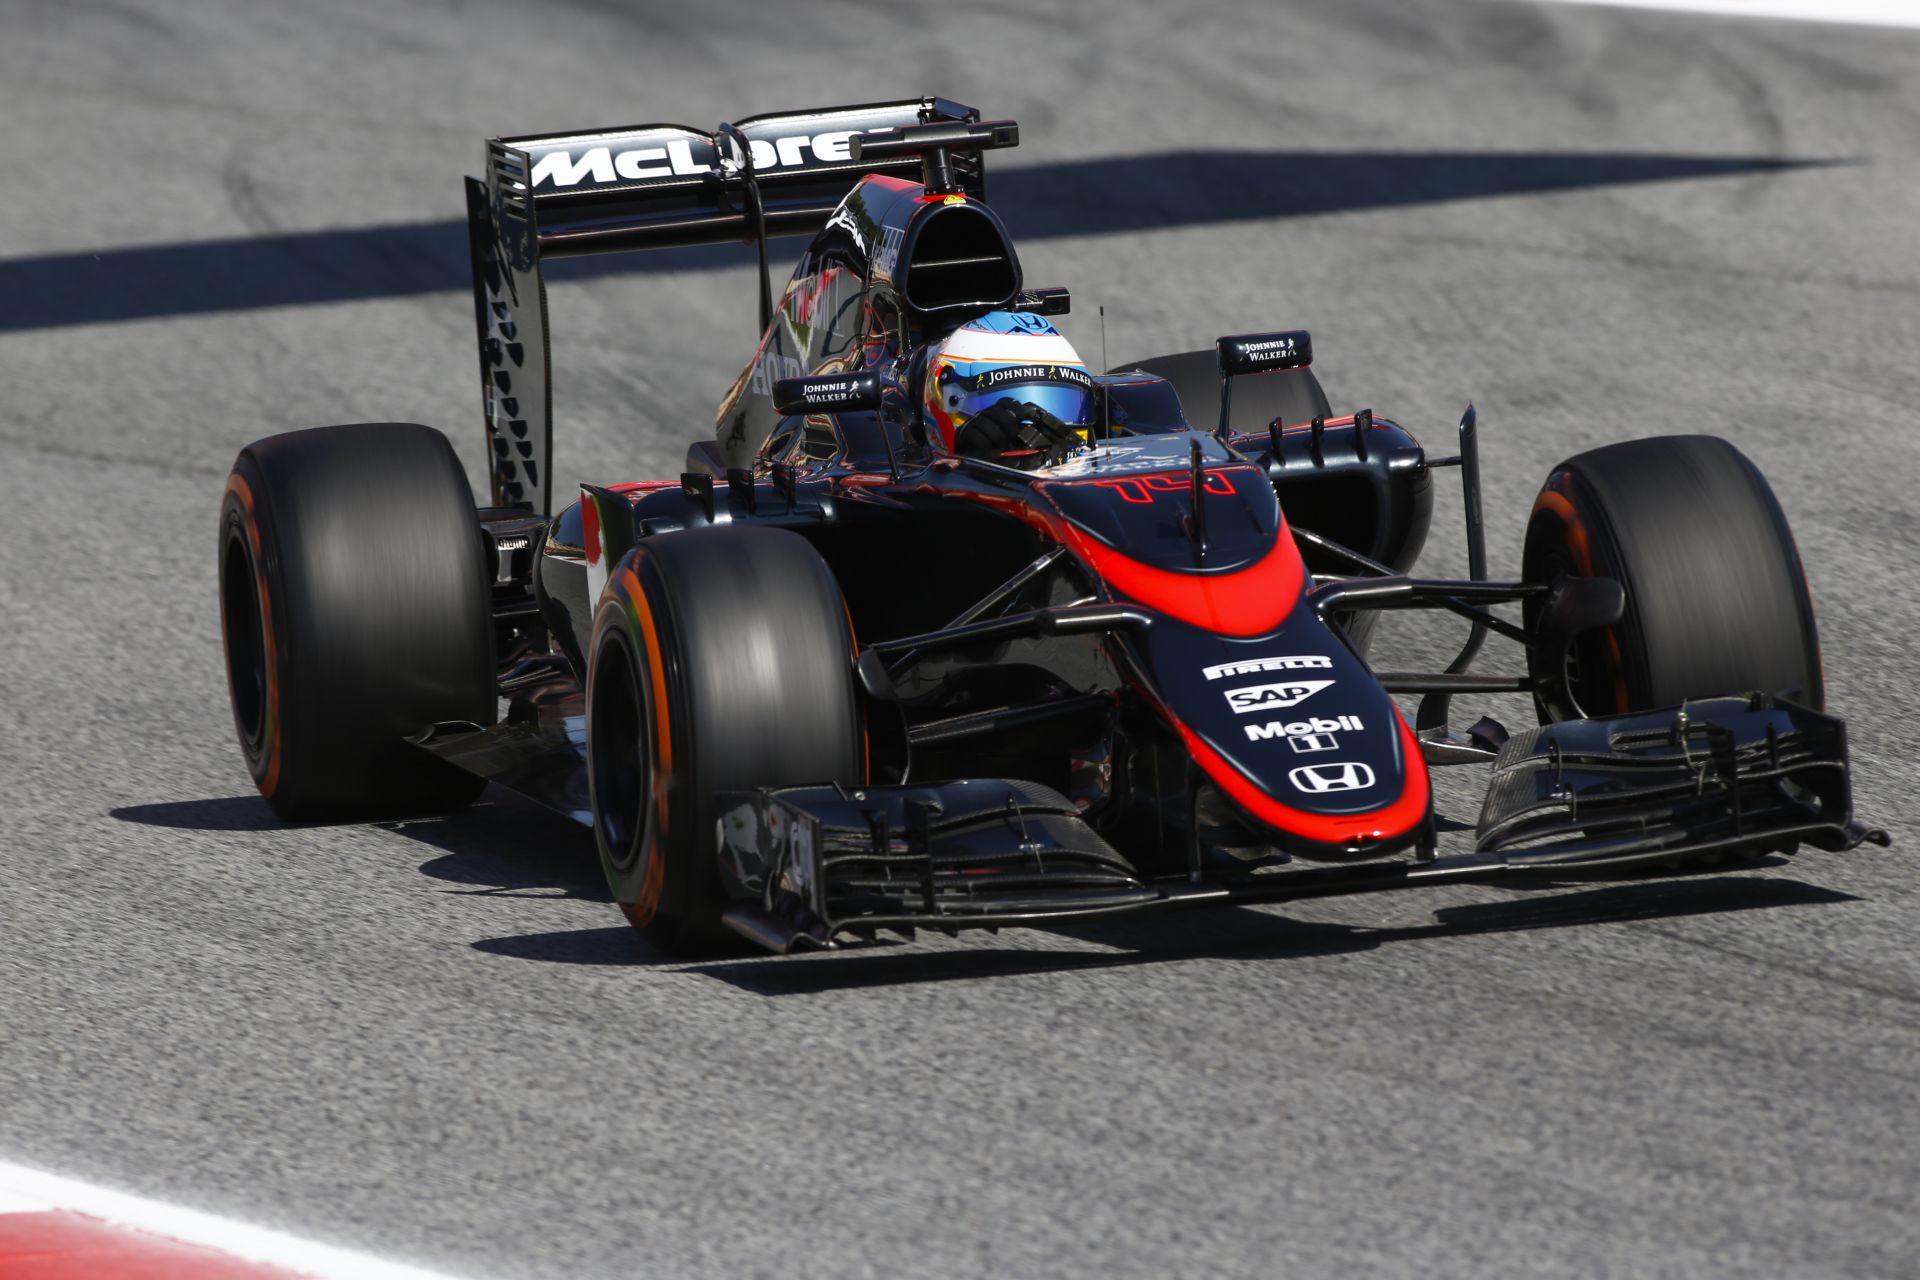 Alonso nem foglalkozik a kritikákkal, és nyerni akar a McLaren-Hondával